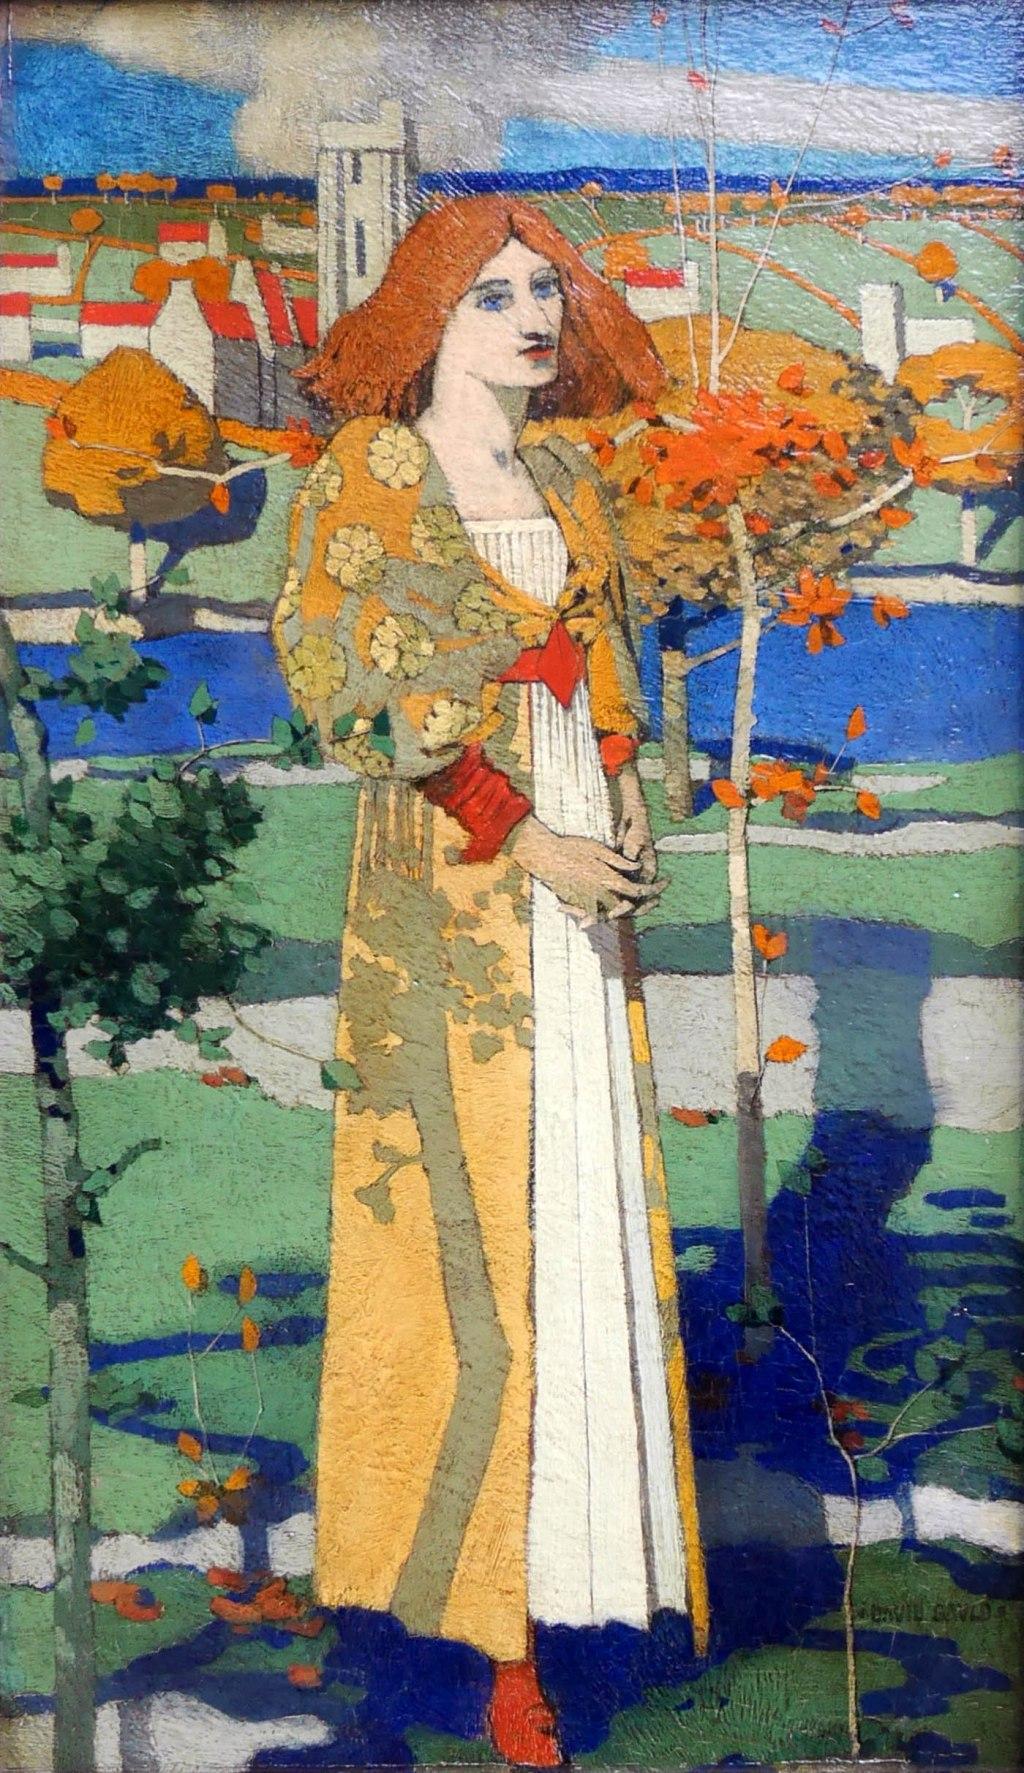 David Gauld, Sant'Agnese, 1889-90